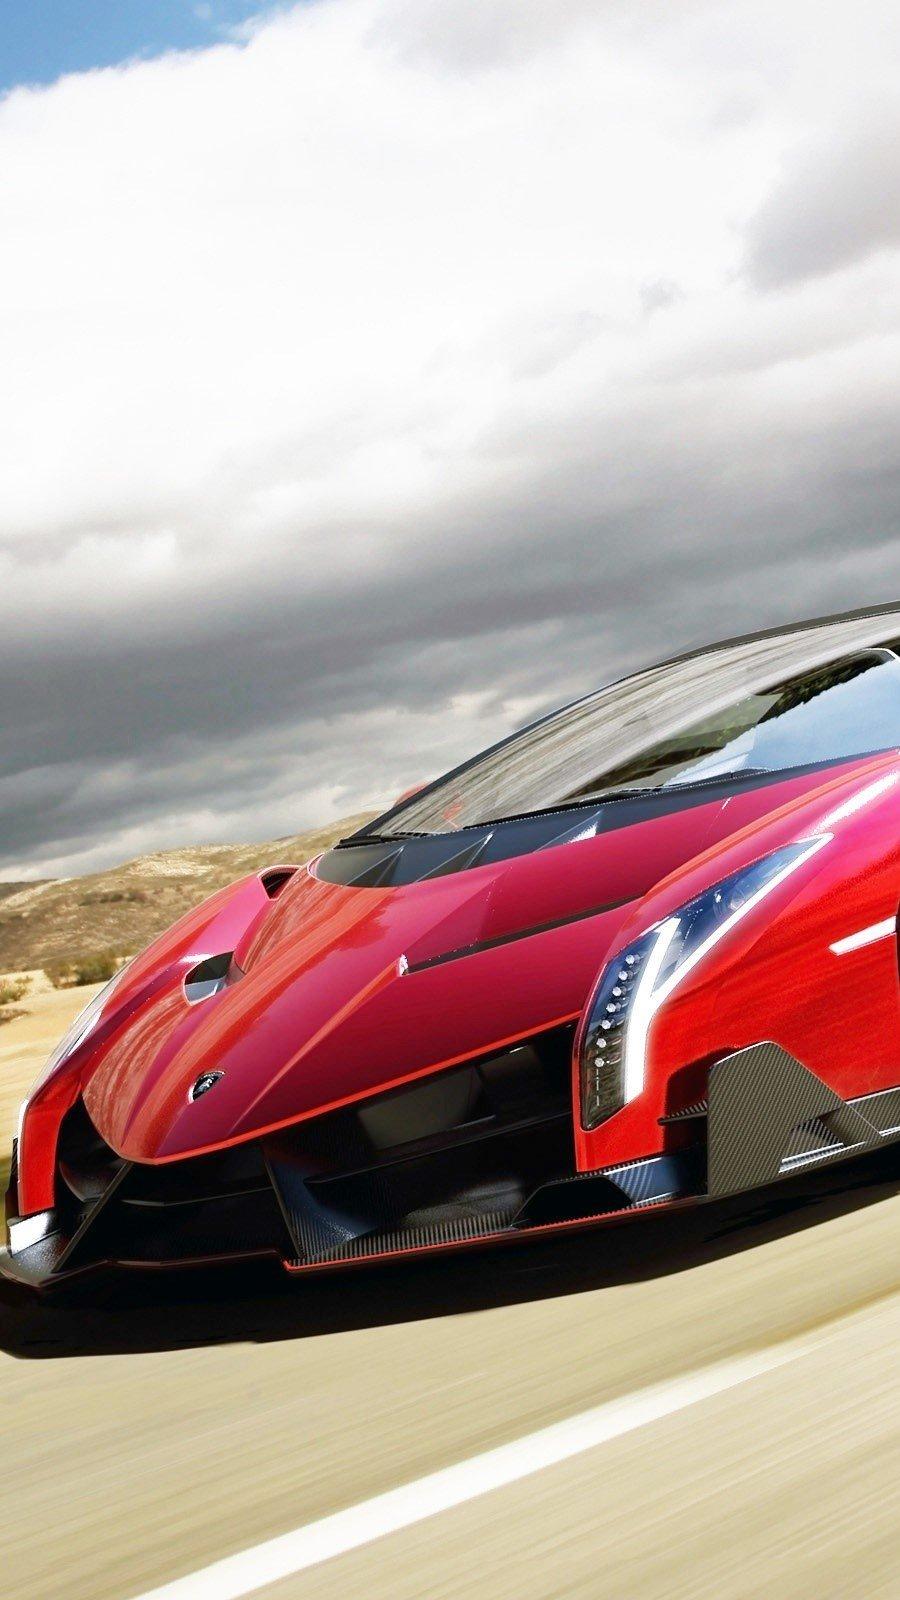 Wallpaper Lamborghini Veneno Roadster Vertical